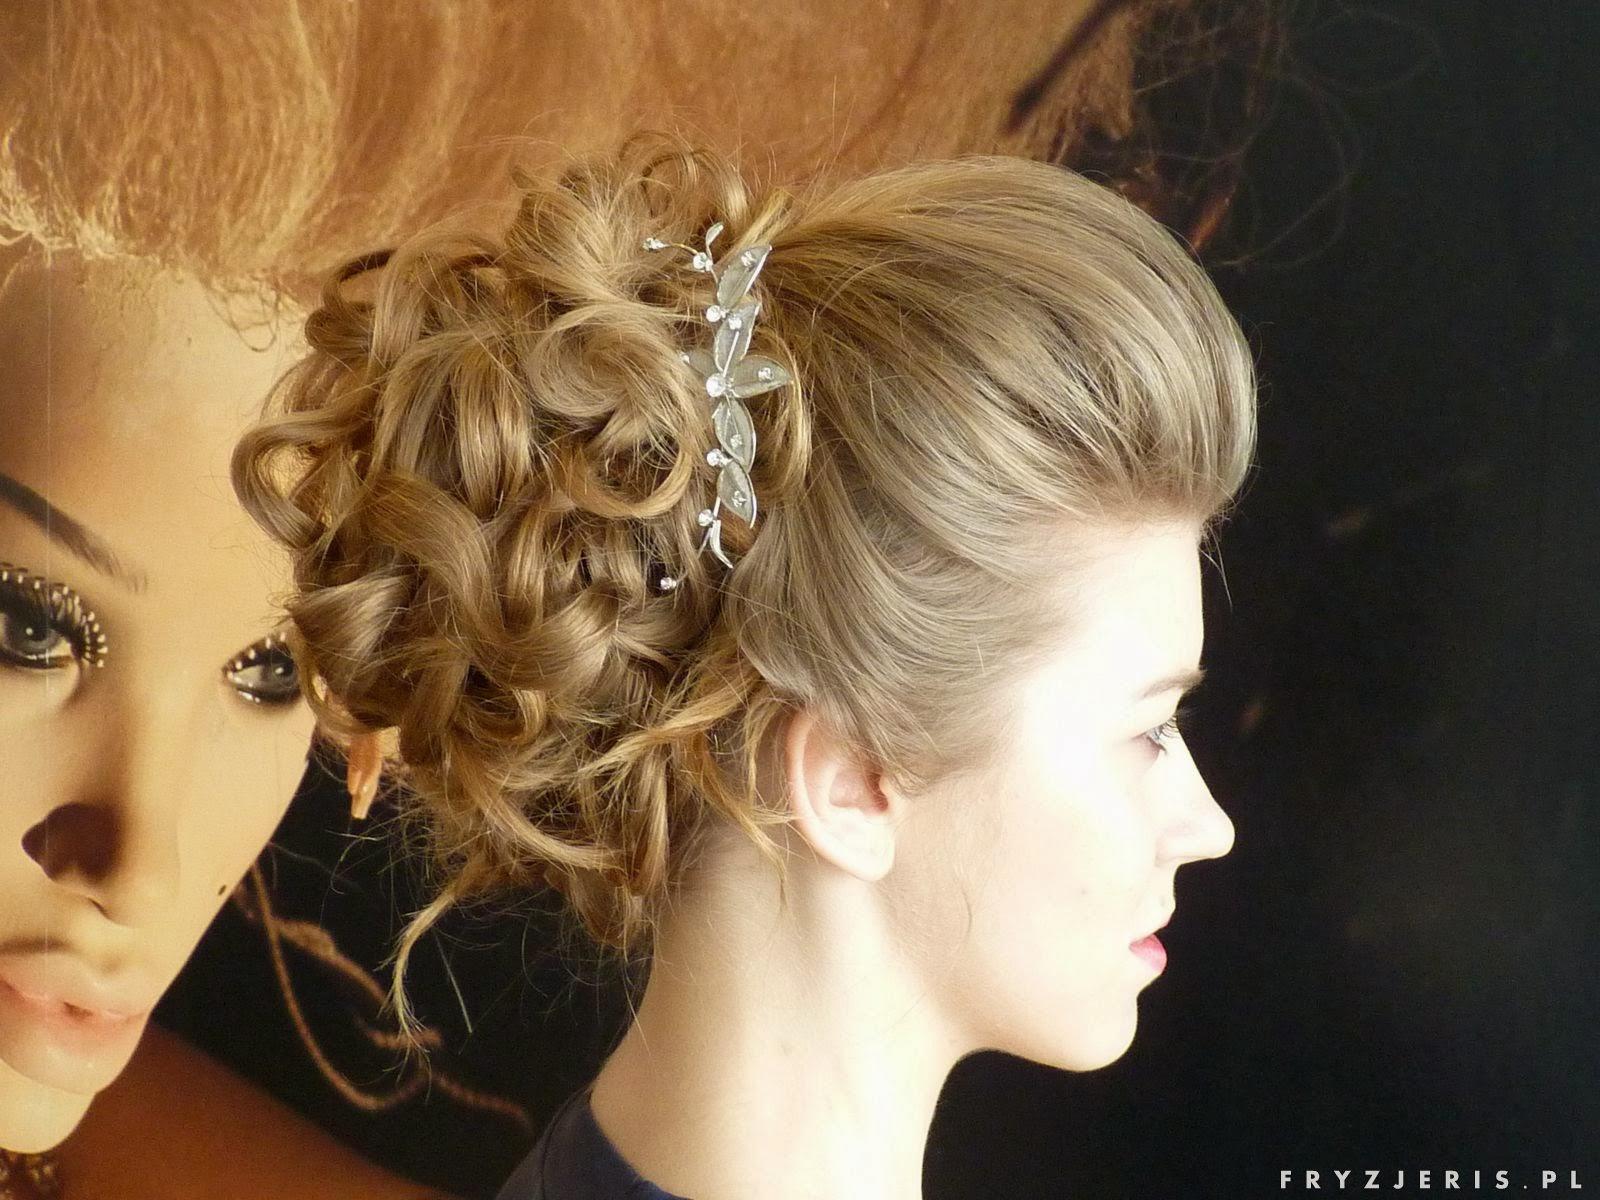 Fryzury Upięcie Księżniczki Blog O Włosach Fryzjeris